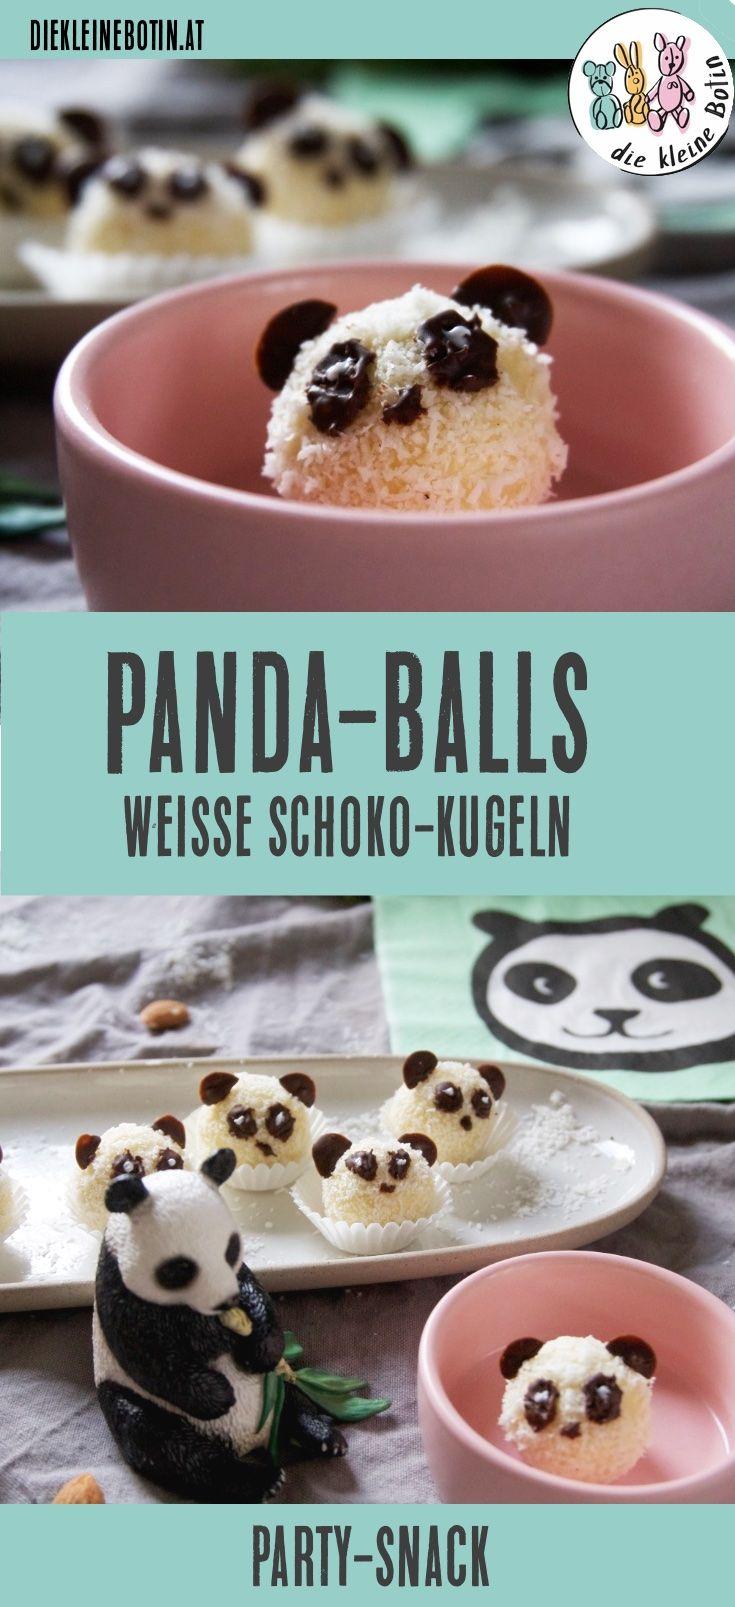 Viele mehr als Kekse: Die schnellen und einfachen Kokoskugeln mit weisser Schokolade sind schnell als Panda dekoriert. Toller Party-Snack. Silvesterparty Fasching Karneval Pralinen für jeden Anlass.  #rezept